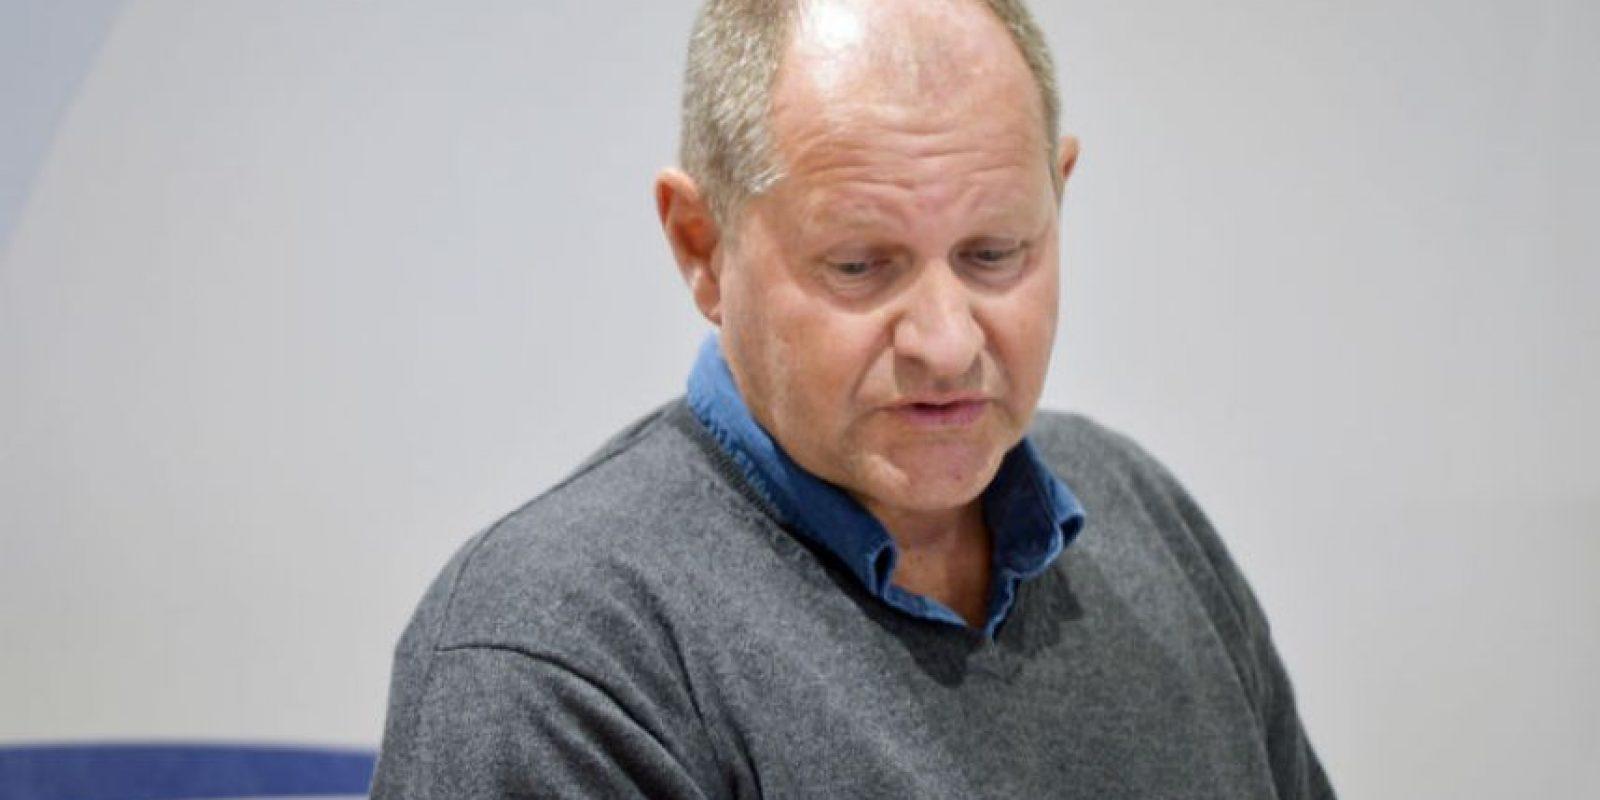 El responsable de la Policía Nacional, Dan Eliasson señaló que ya existe una investigación en curso. Foto:AFP